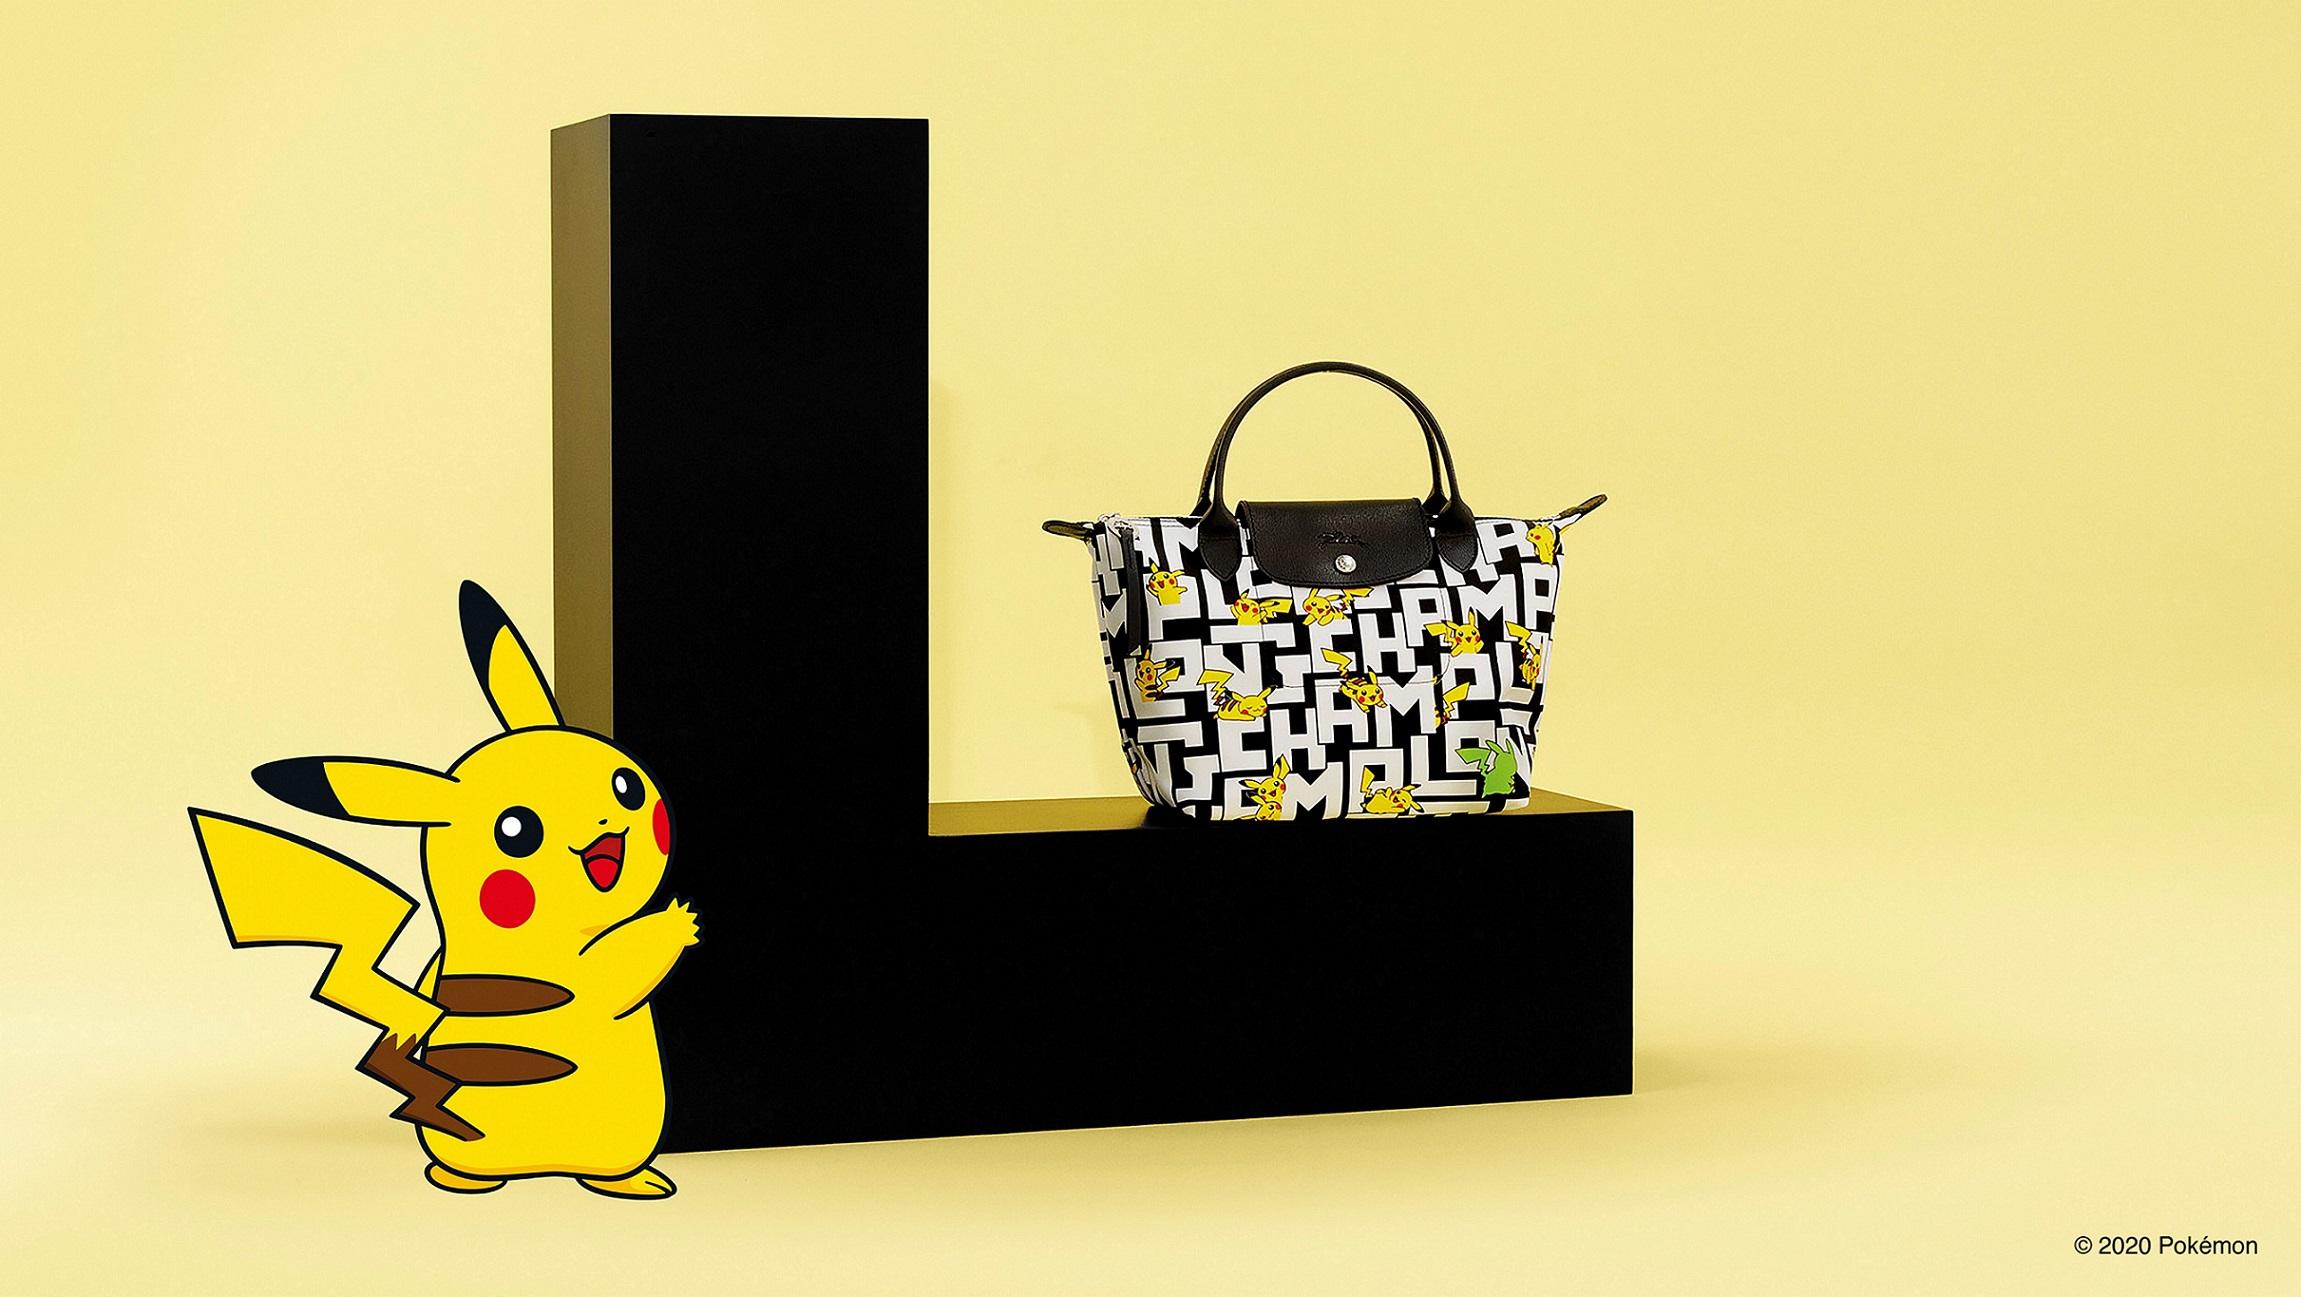 Longchamp x Pokémon聯名系列 電力四射無可抵擋